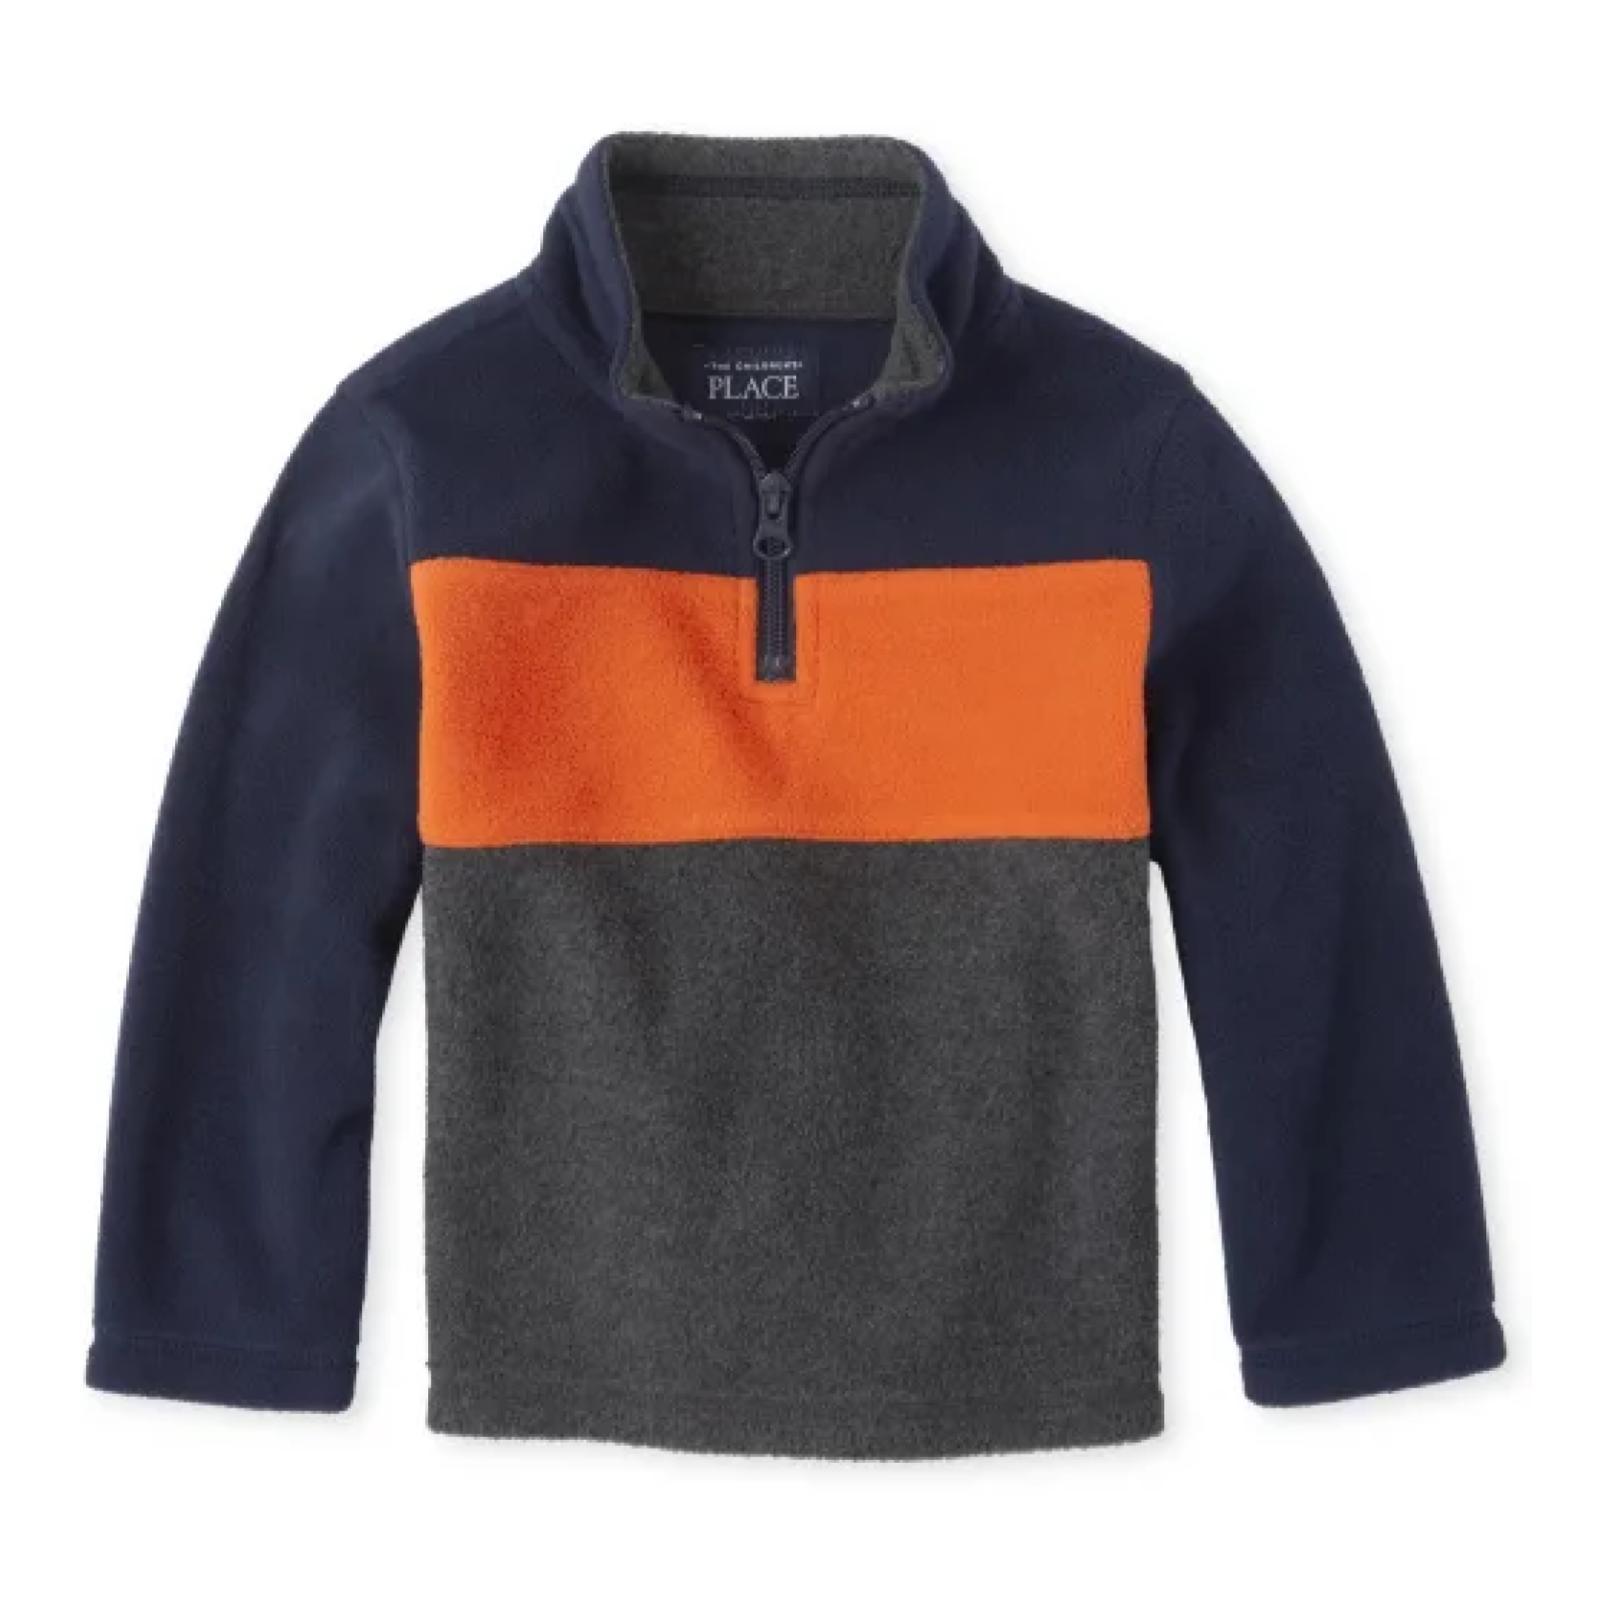 Sweater fleece marinho e laranja | 18 - 24 meses, 3 anos e 4 anos